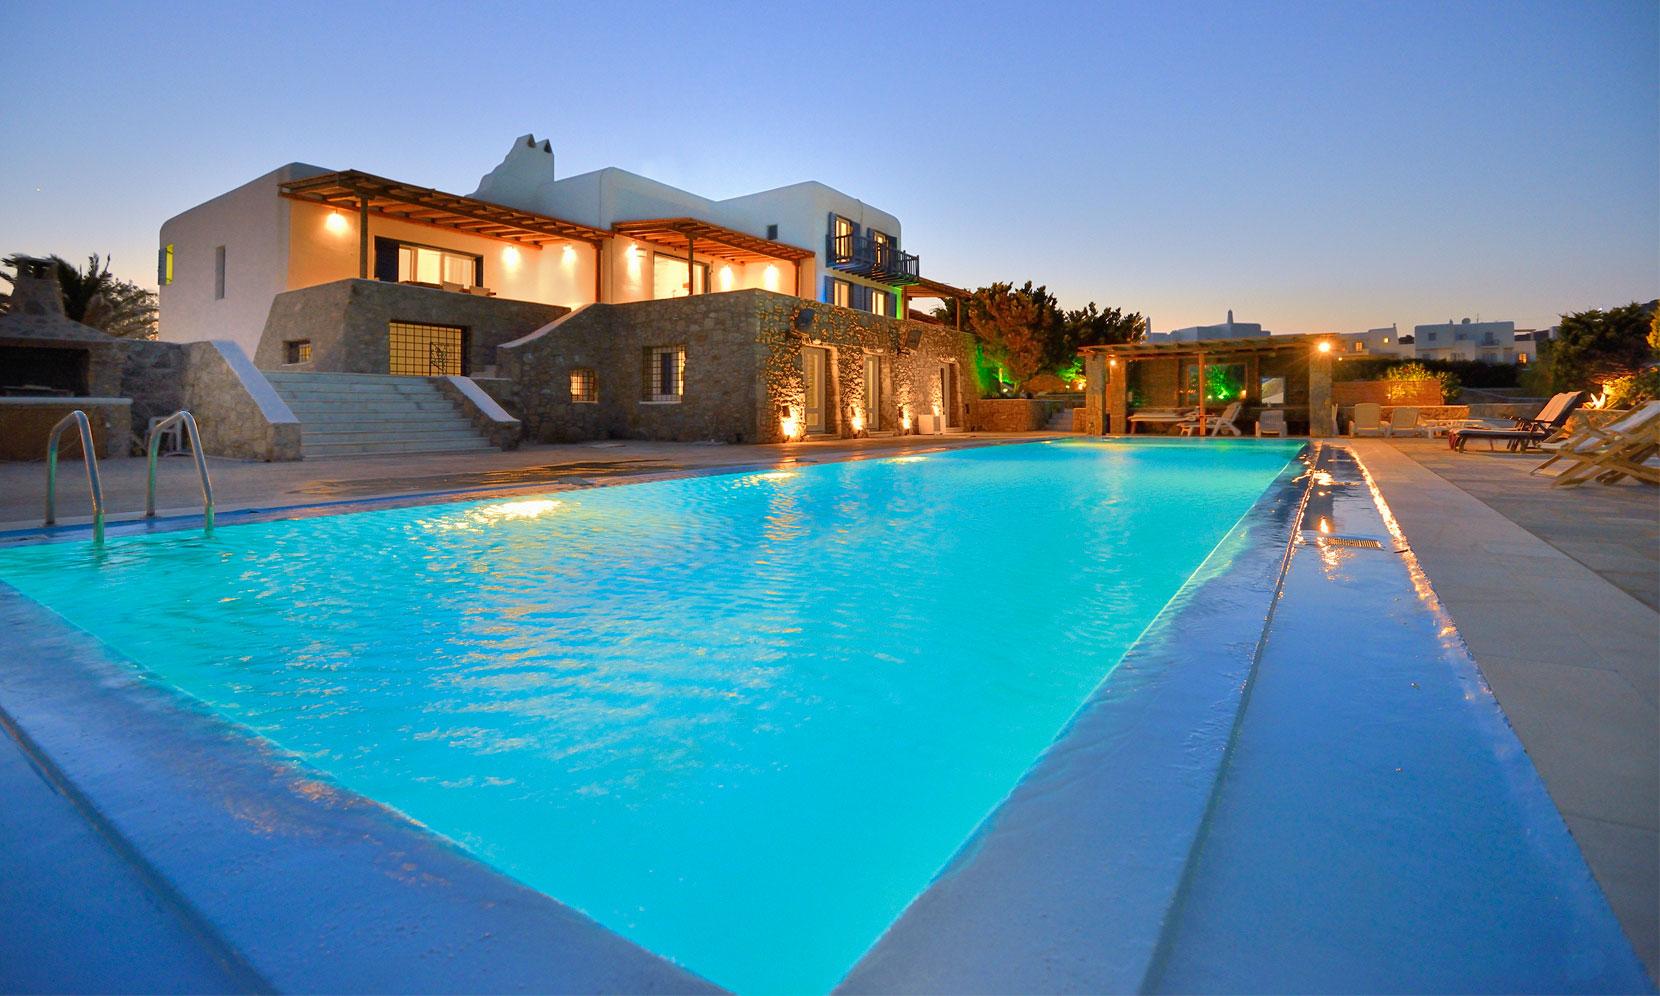 Mykonos Villa Desma jumbotron image